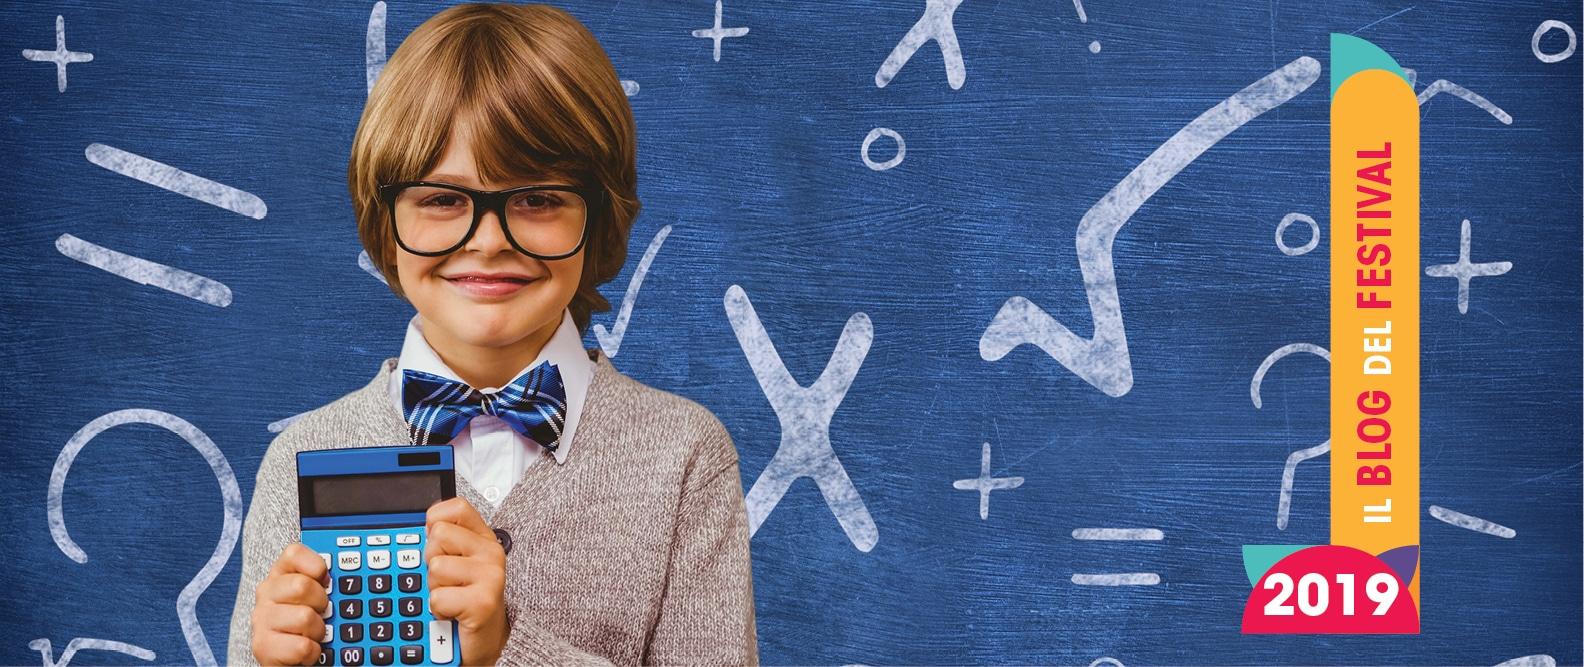 L'educazione economica e finanziaria è un gioco da ragazzi!